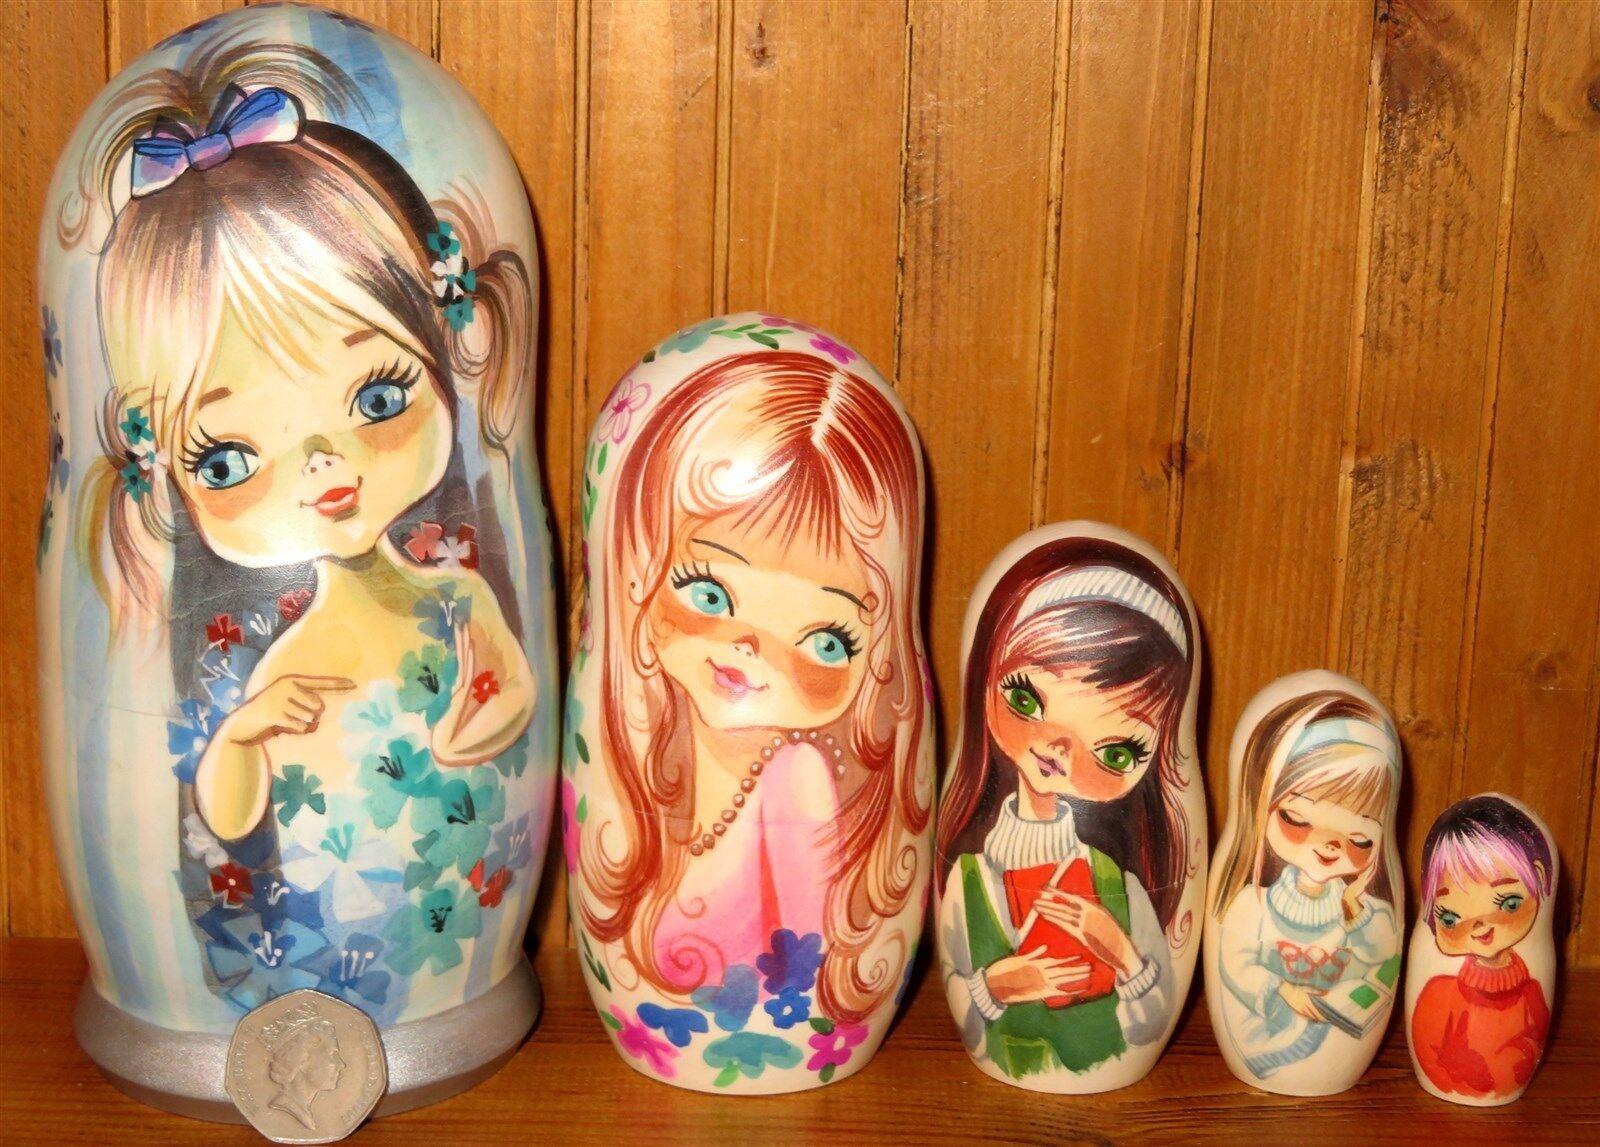 Nesting dolls Matryoshka Russian5 GALLARDA Vintage Big Eyed Girls Boys Postcards